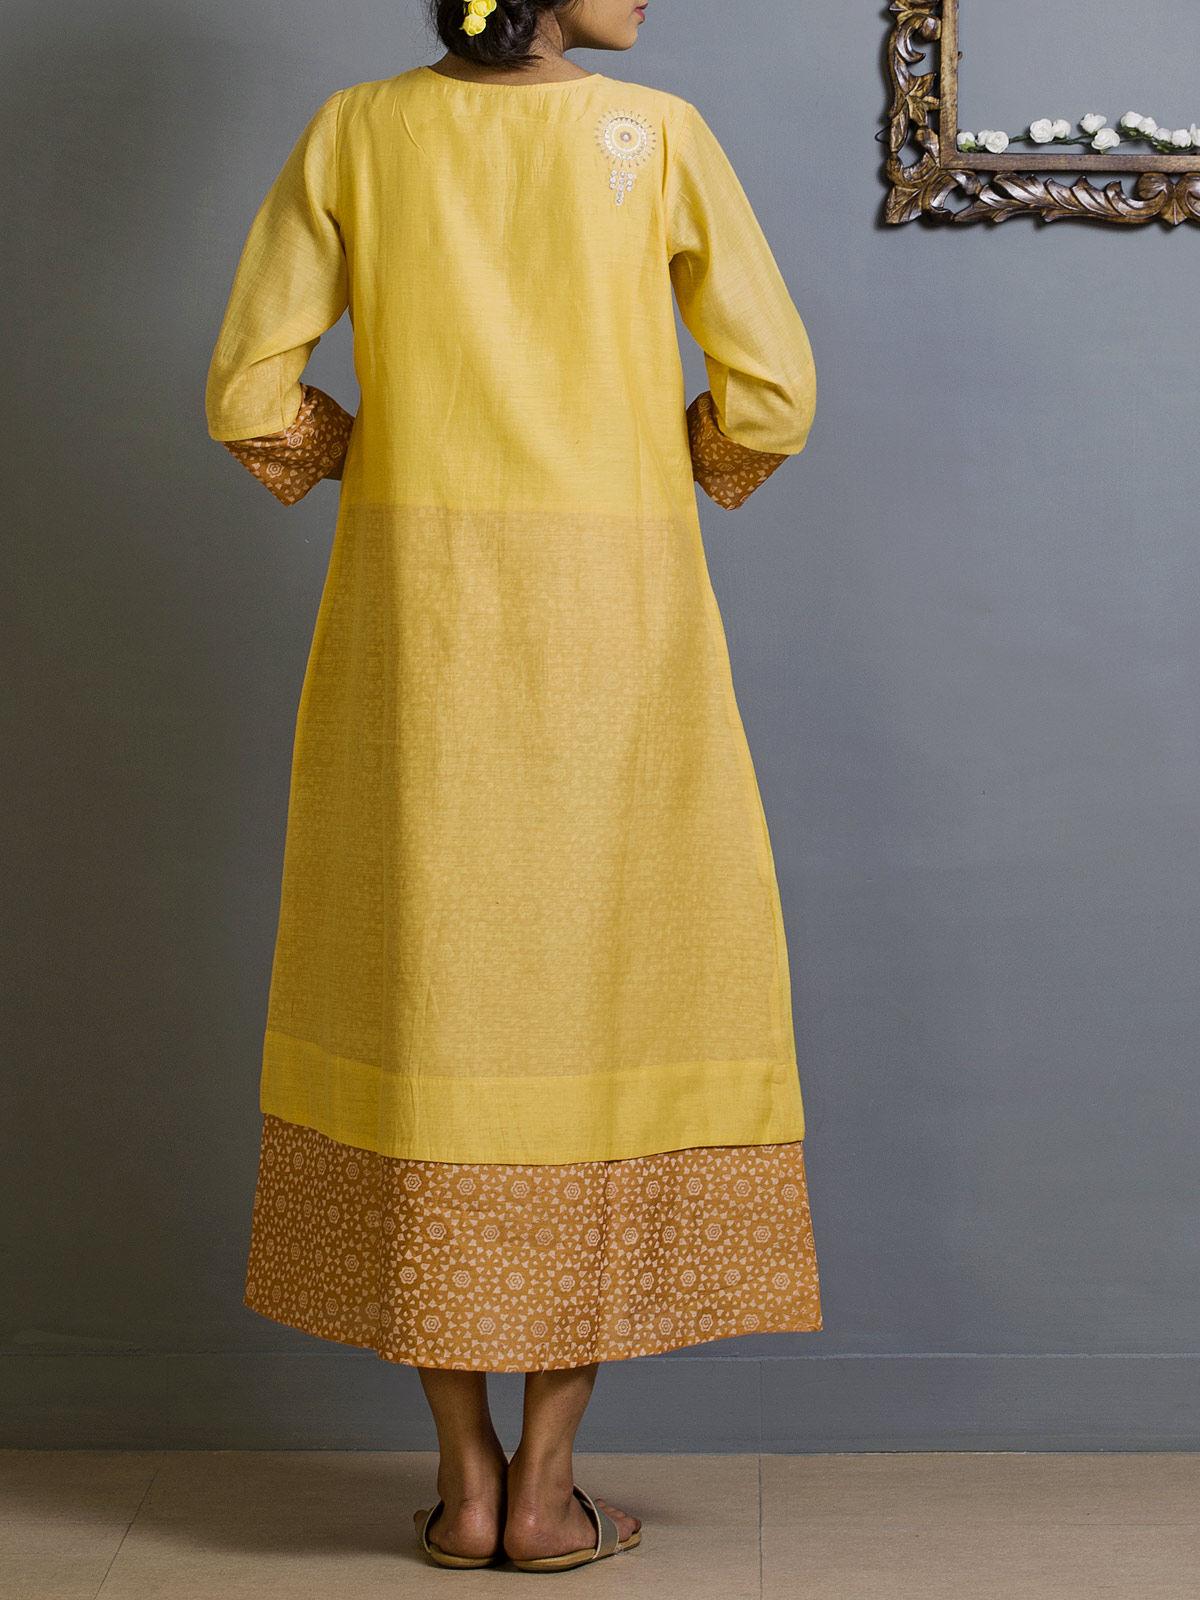 Yellow and Carrot Block Print Chanderi Kurta